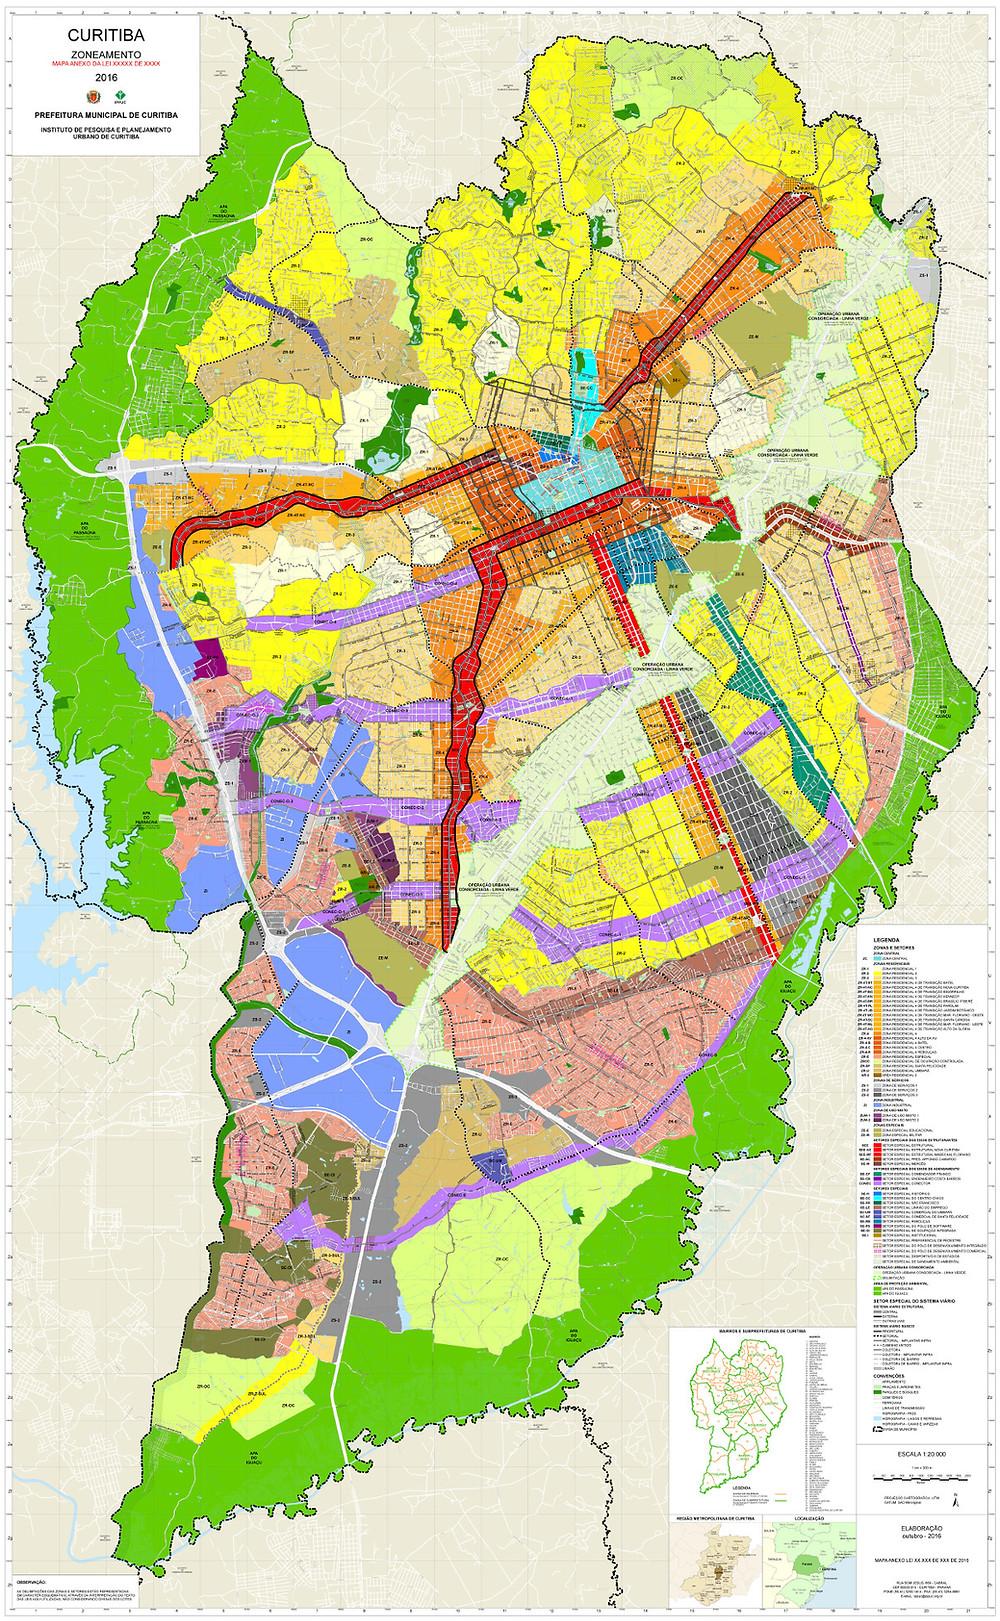 Zoneamento em Curitiba - Mapa de Curitiba dividindo as areas de acordo com a lei de zoneamento